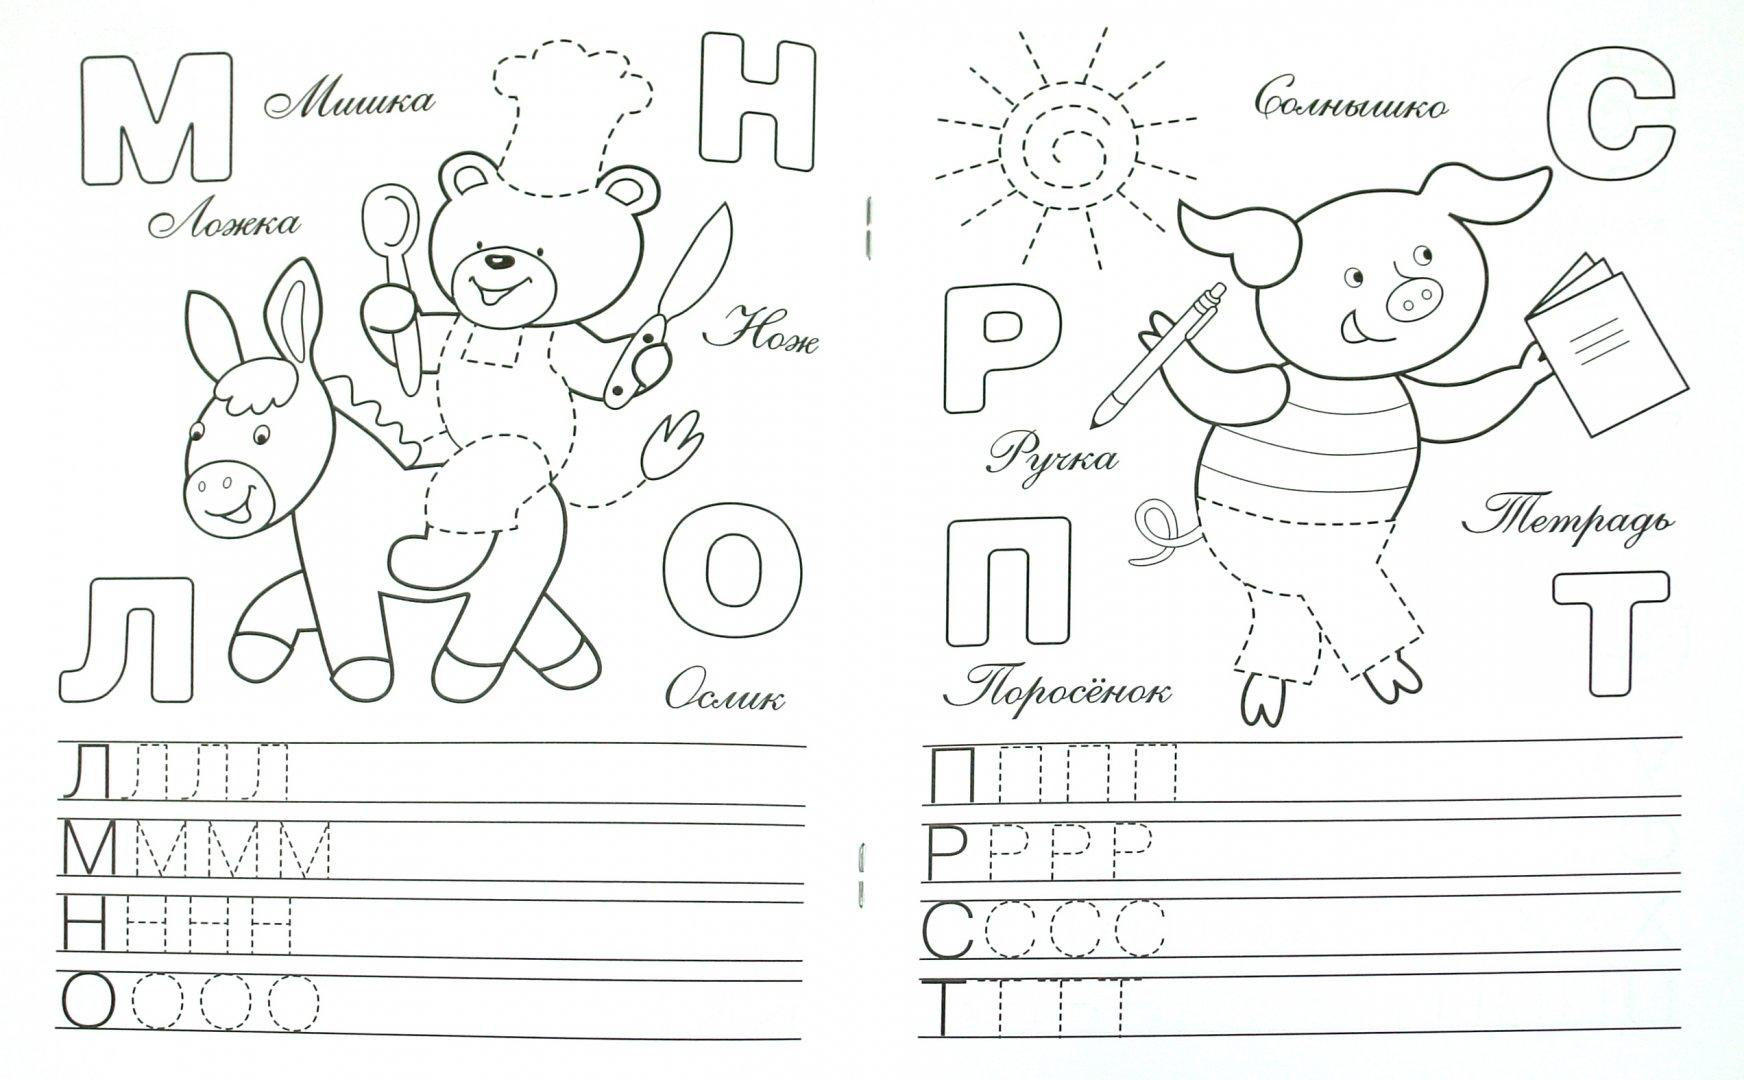 Иллюстрация 1 из 3 для Прописи. Веселые буквы - Л. Маврина | Лабиринт - книги. Источник: Лабиринт